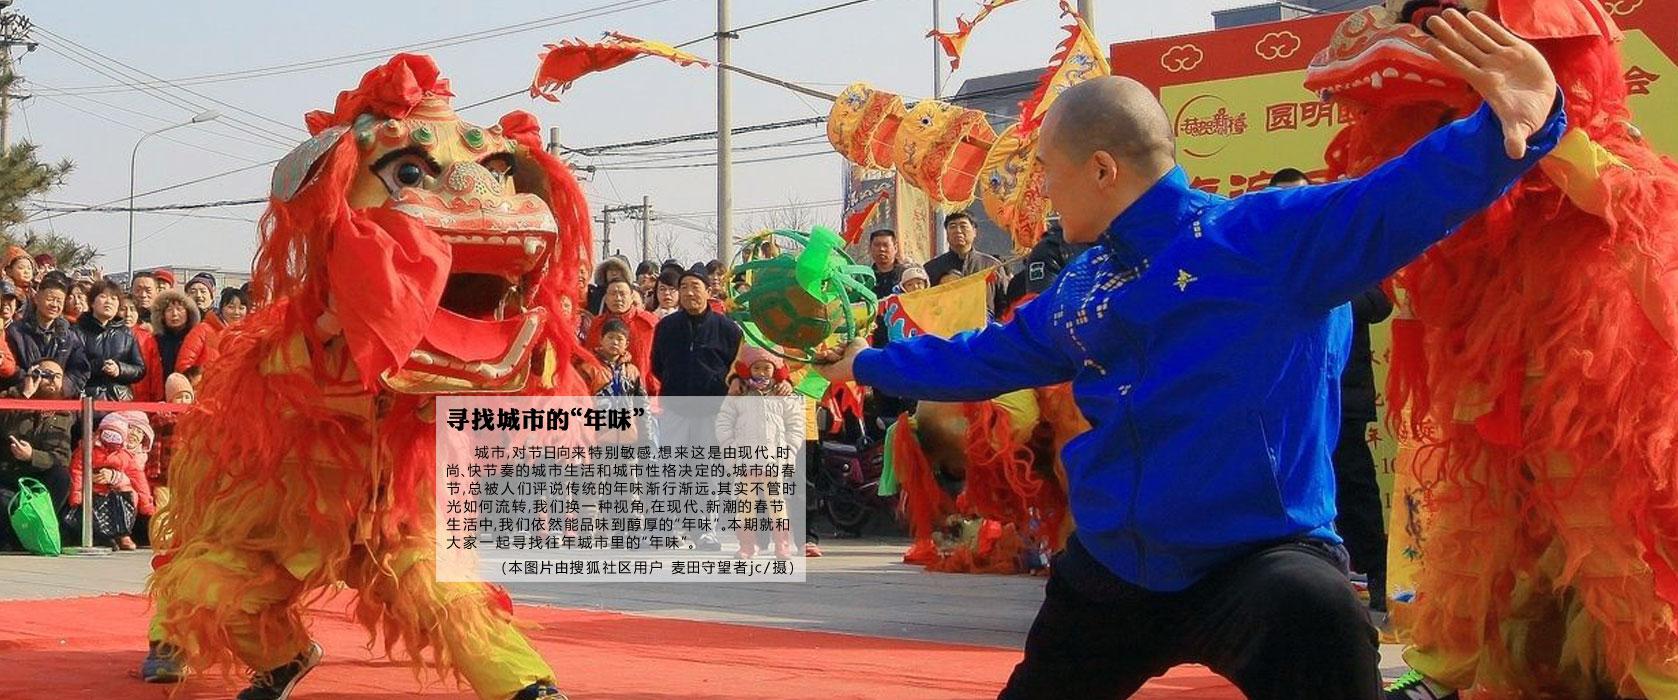 往年的中国红 传递浓浓年味